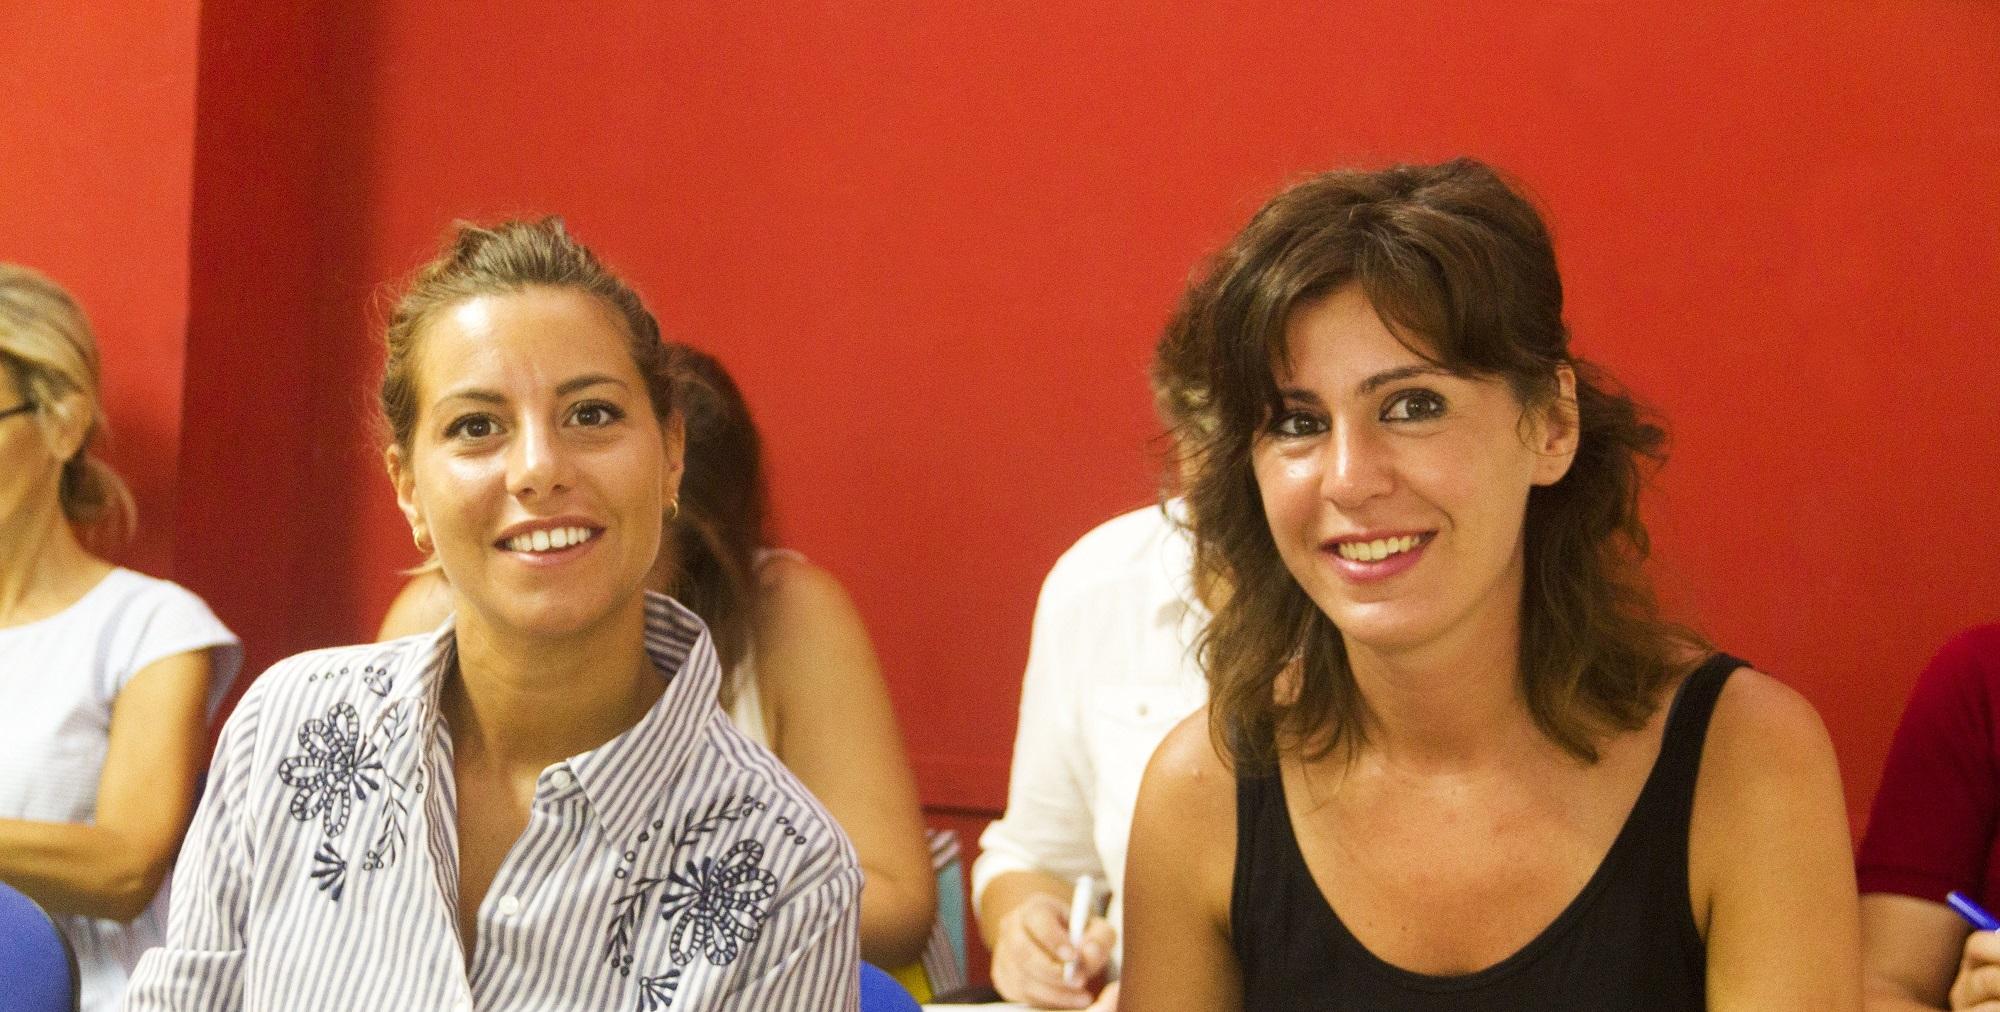 Carolina ha viaggiato verso Malta per imparare l'inglese